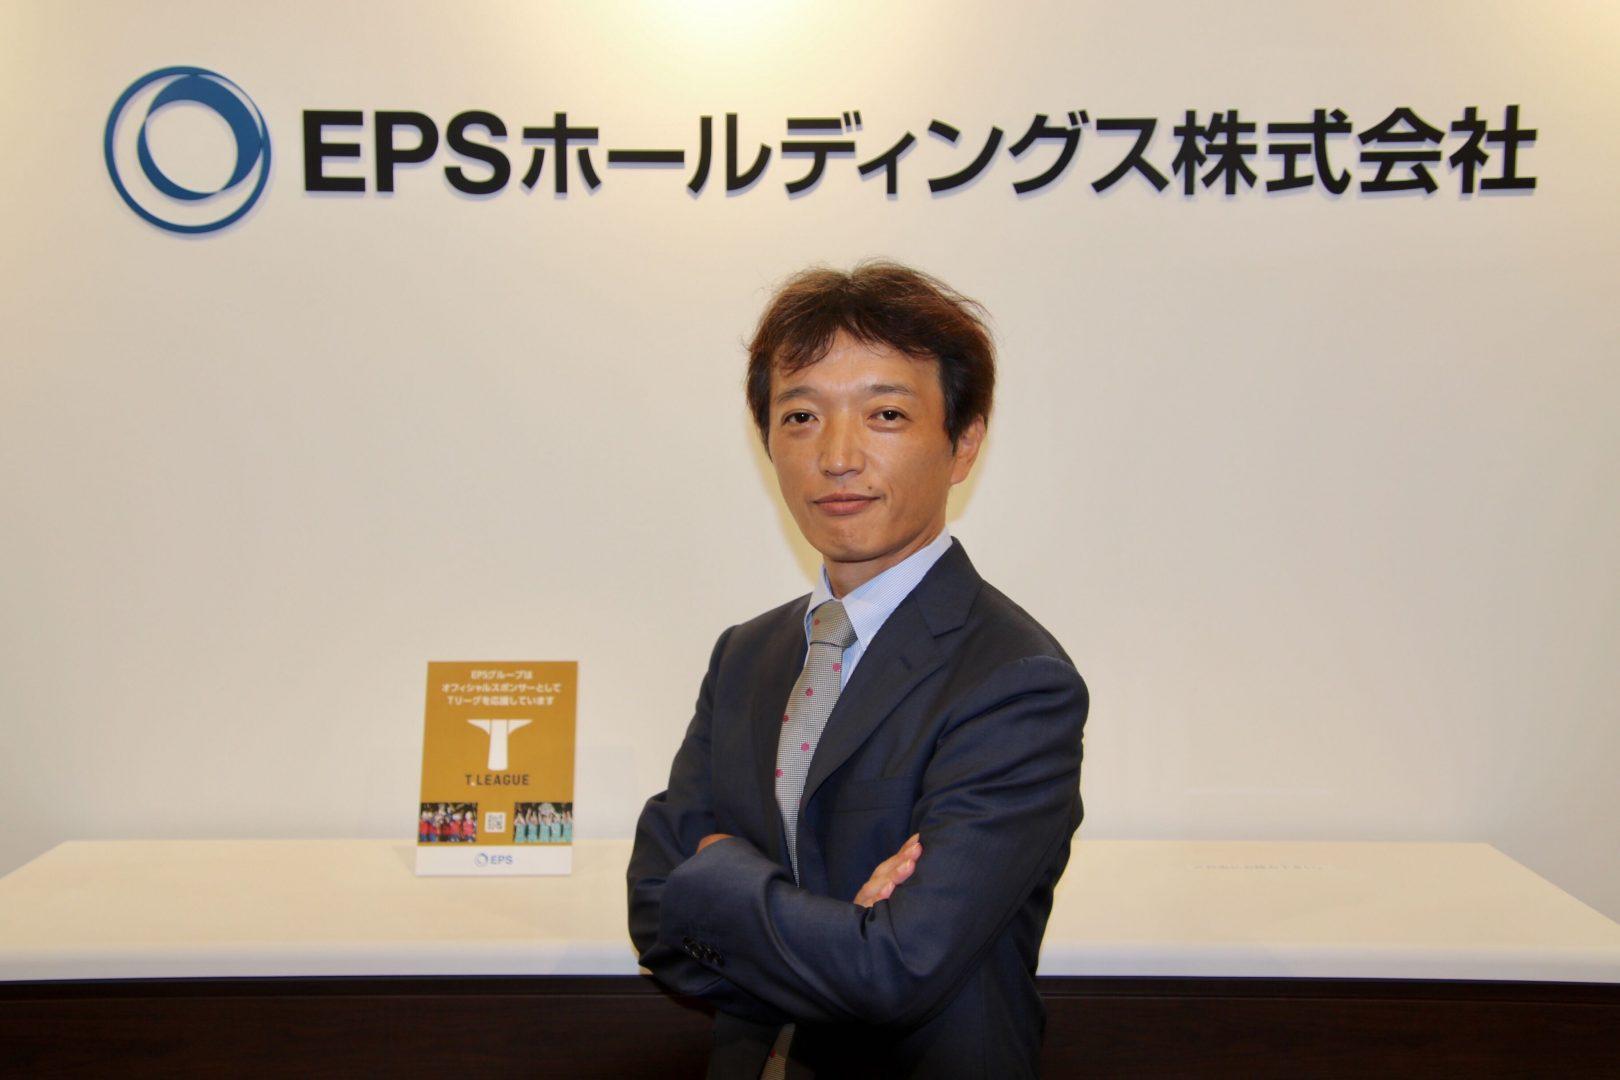 ヘルスケア業界の雄・EPS、Tリーグ協賛で目指す「コミュニティ強化」<卓球応援企業特集>